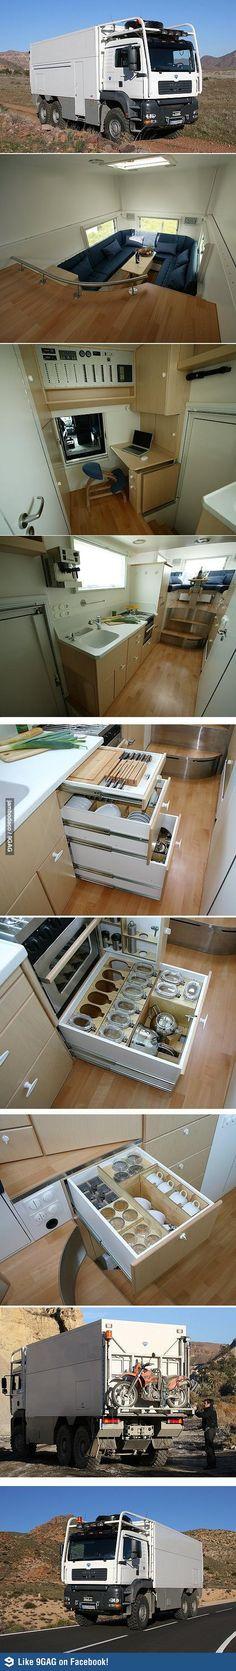 Unique storage